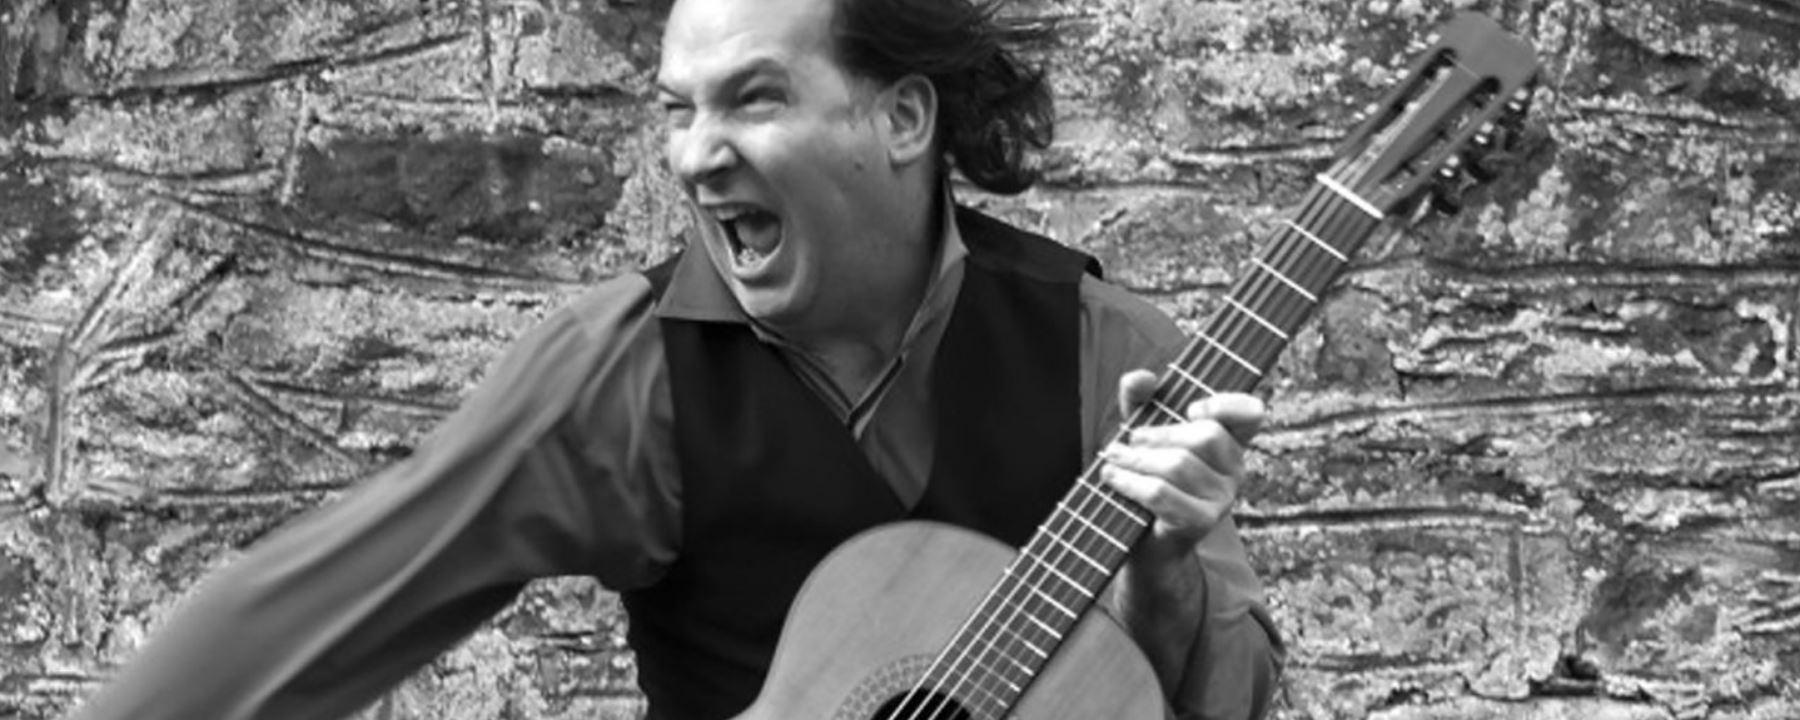 Villa-Lobos Gitarrkonsert